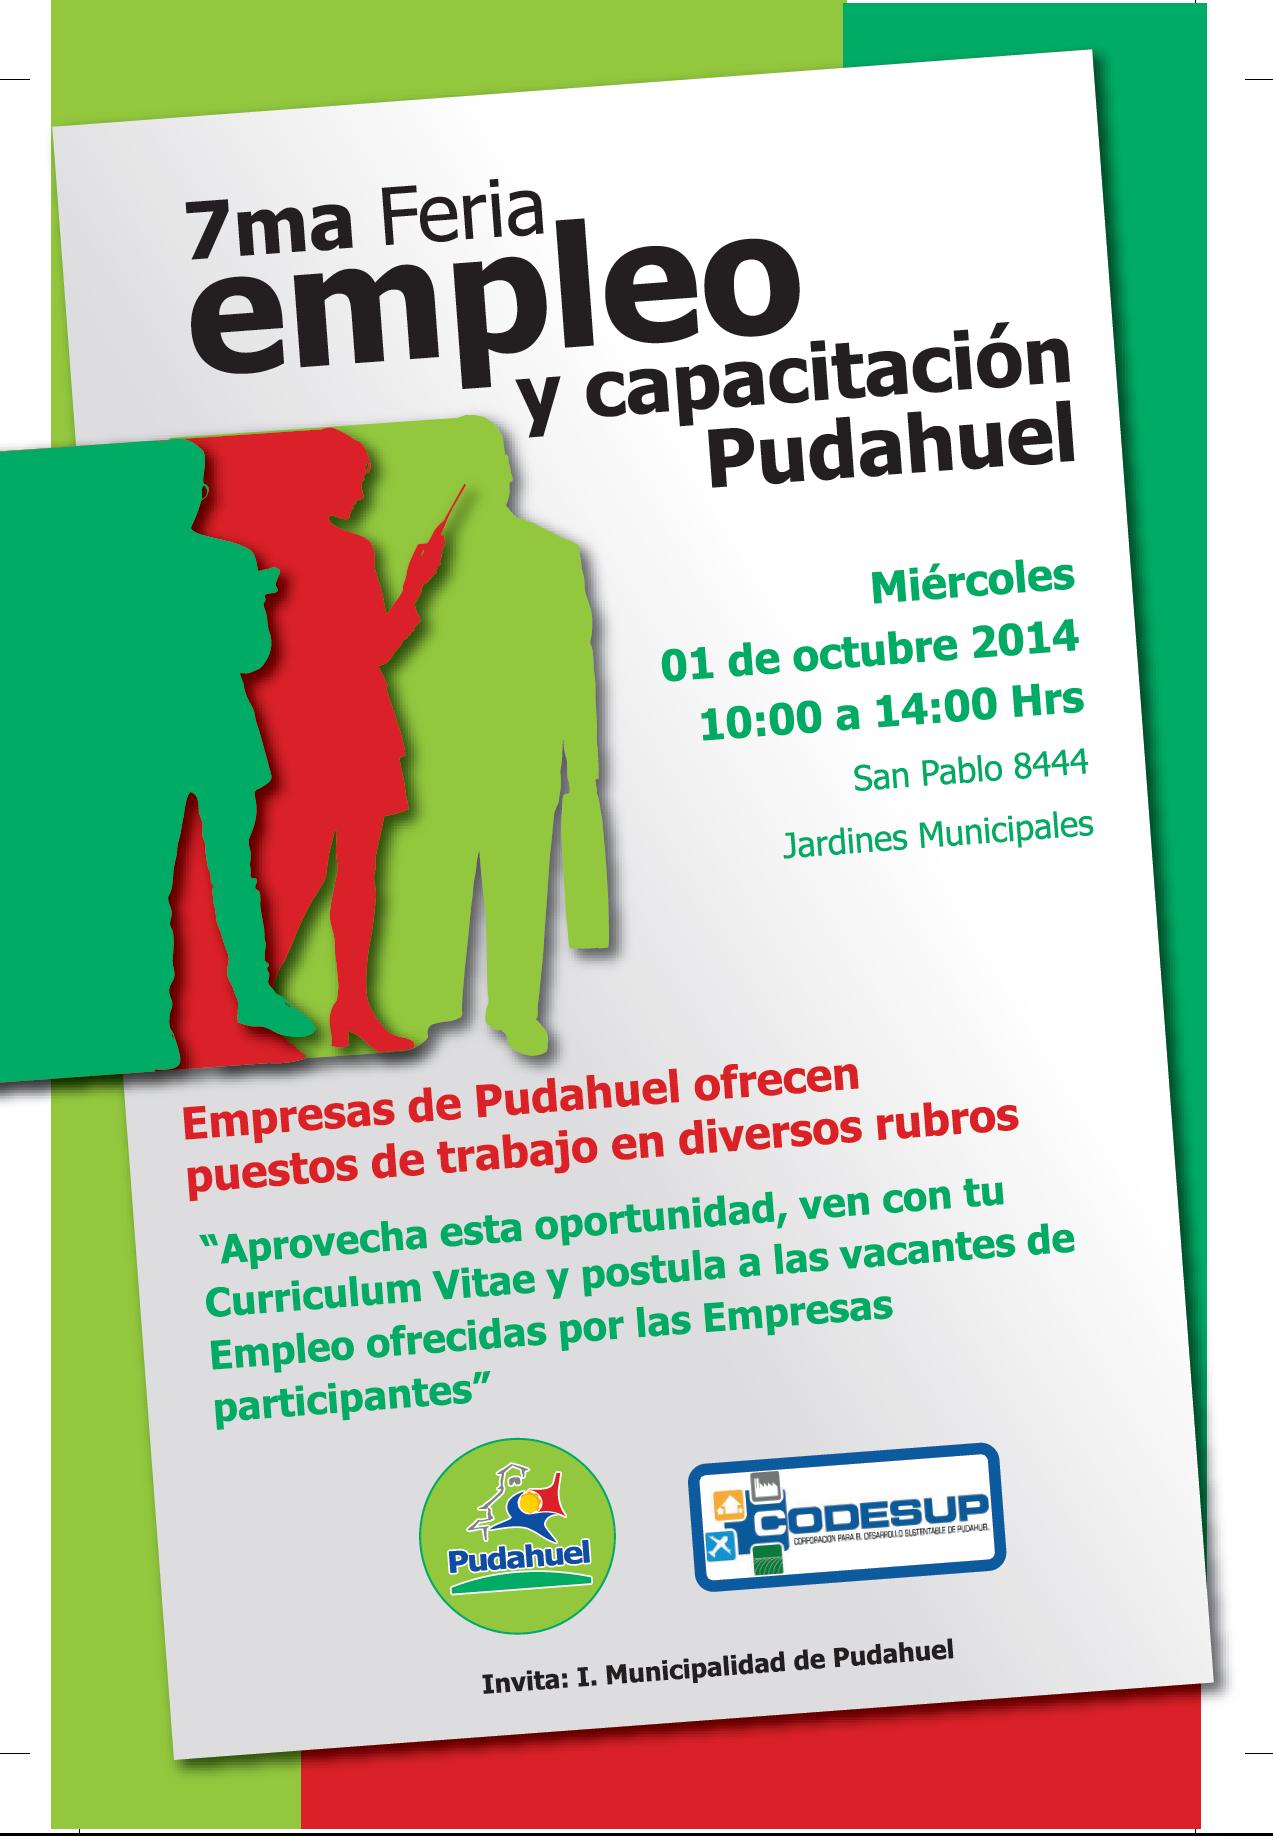 Feria Empleo